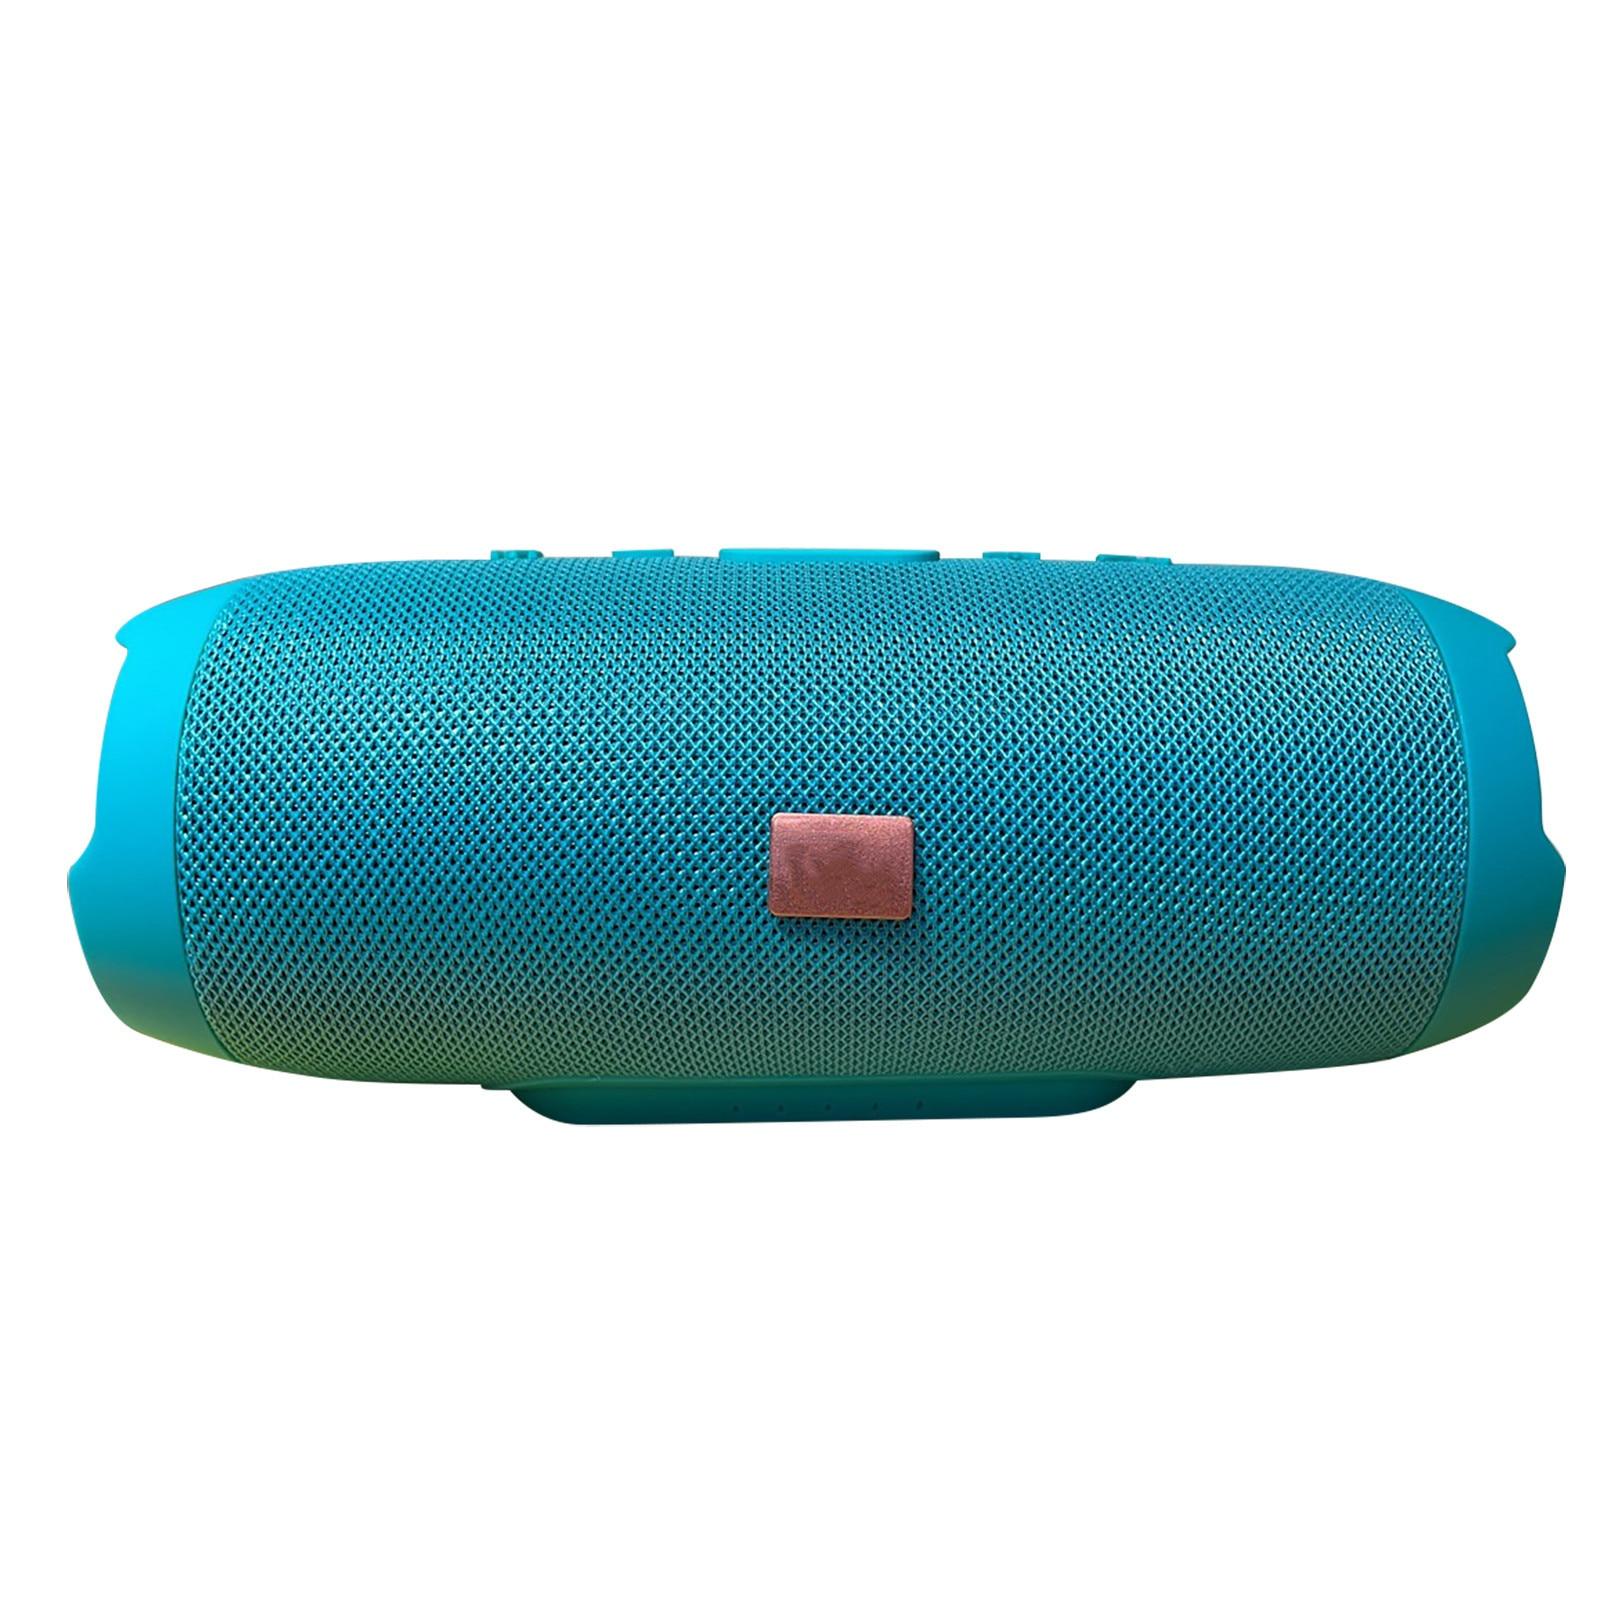 Wireless bluetooth speaker Speaker or desktop speaker Hifi subwoofer speakers bluetooth  bluetooth speakers enlarge